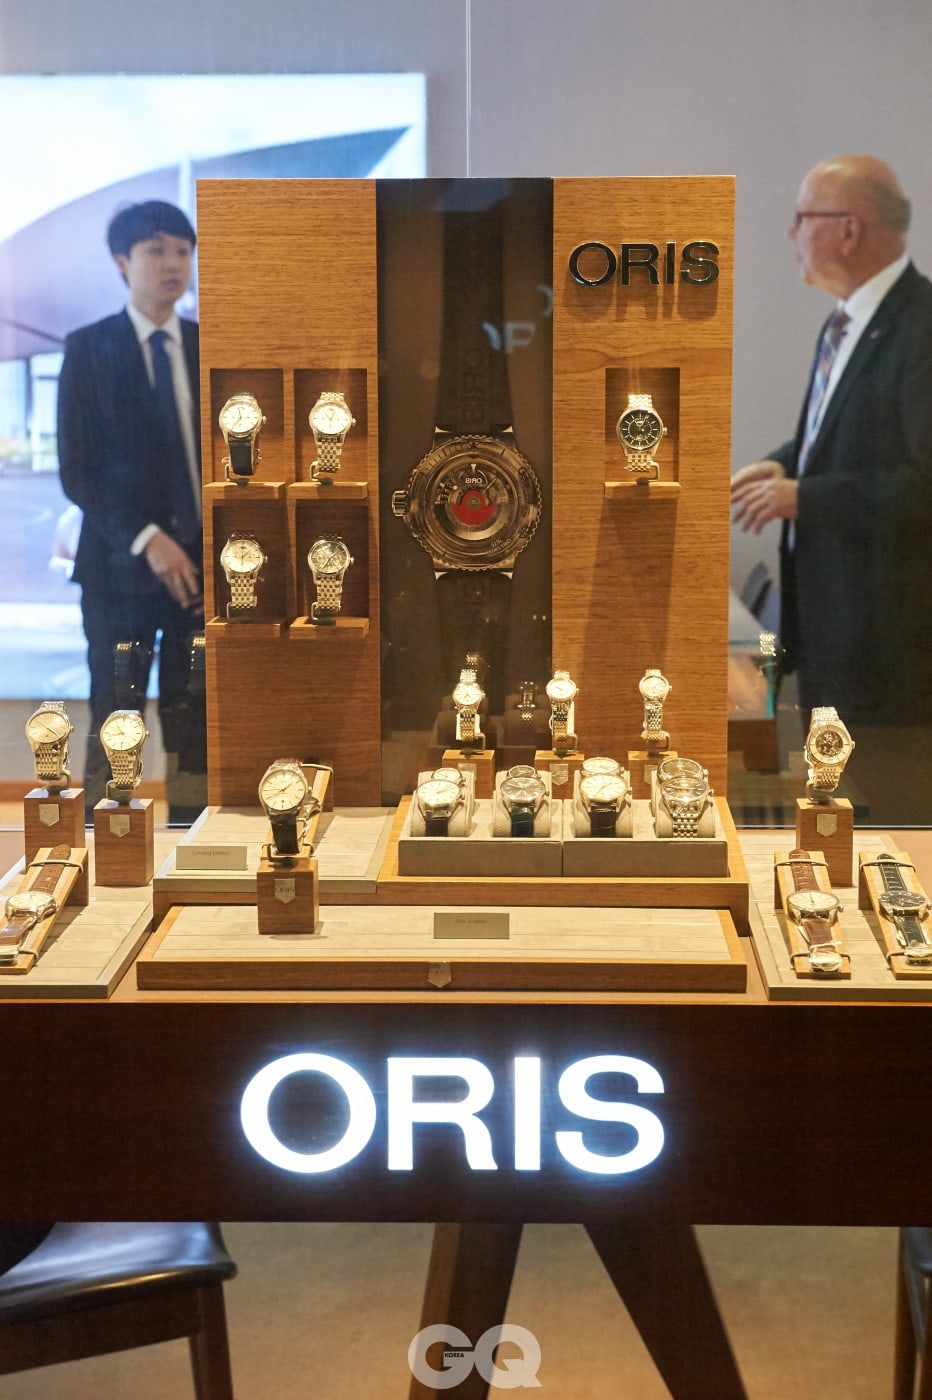 부티크 오픈 행사를 위해 방한한 오리스의 율리히 헤르초크 회장과 브랜드 관계자. 단독 부티크인만큼 오리스의 다양한 라인업을 만날 수 있다.